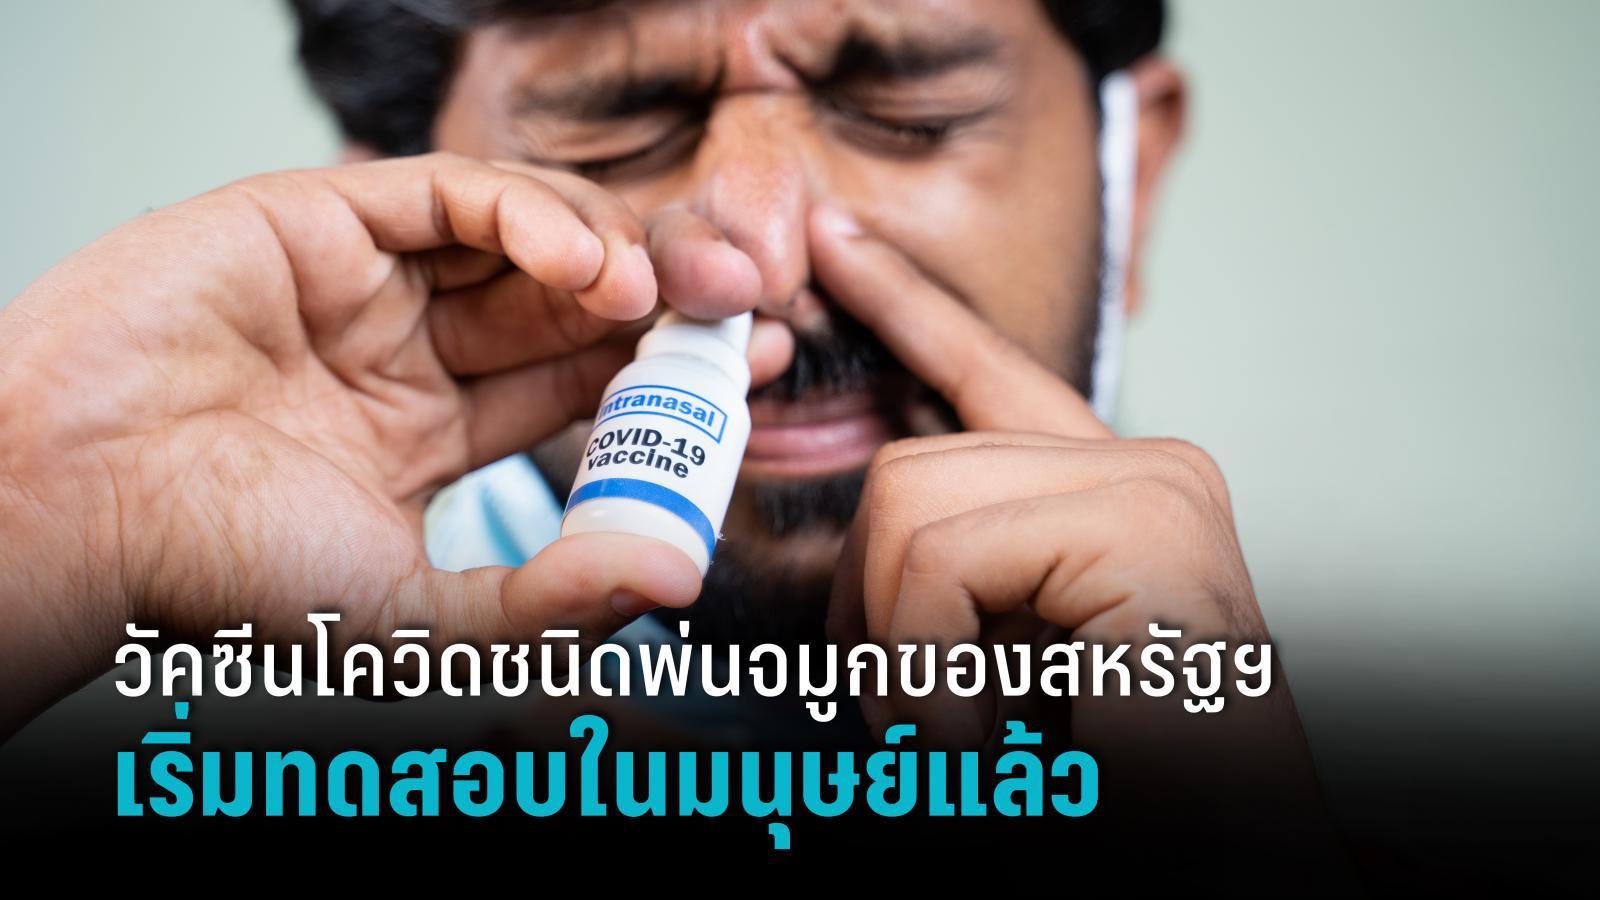 """""""วัคซีนโควิด-19 ชนิดพ่นจมูก"""" ของสหรัฐฯ เริ่มทดสอบในมนุษย์แล้ว"""